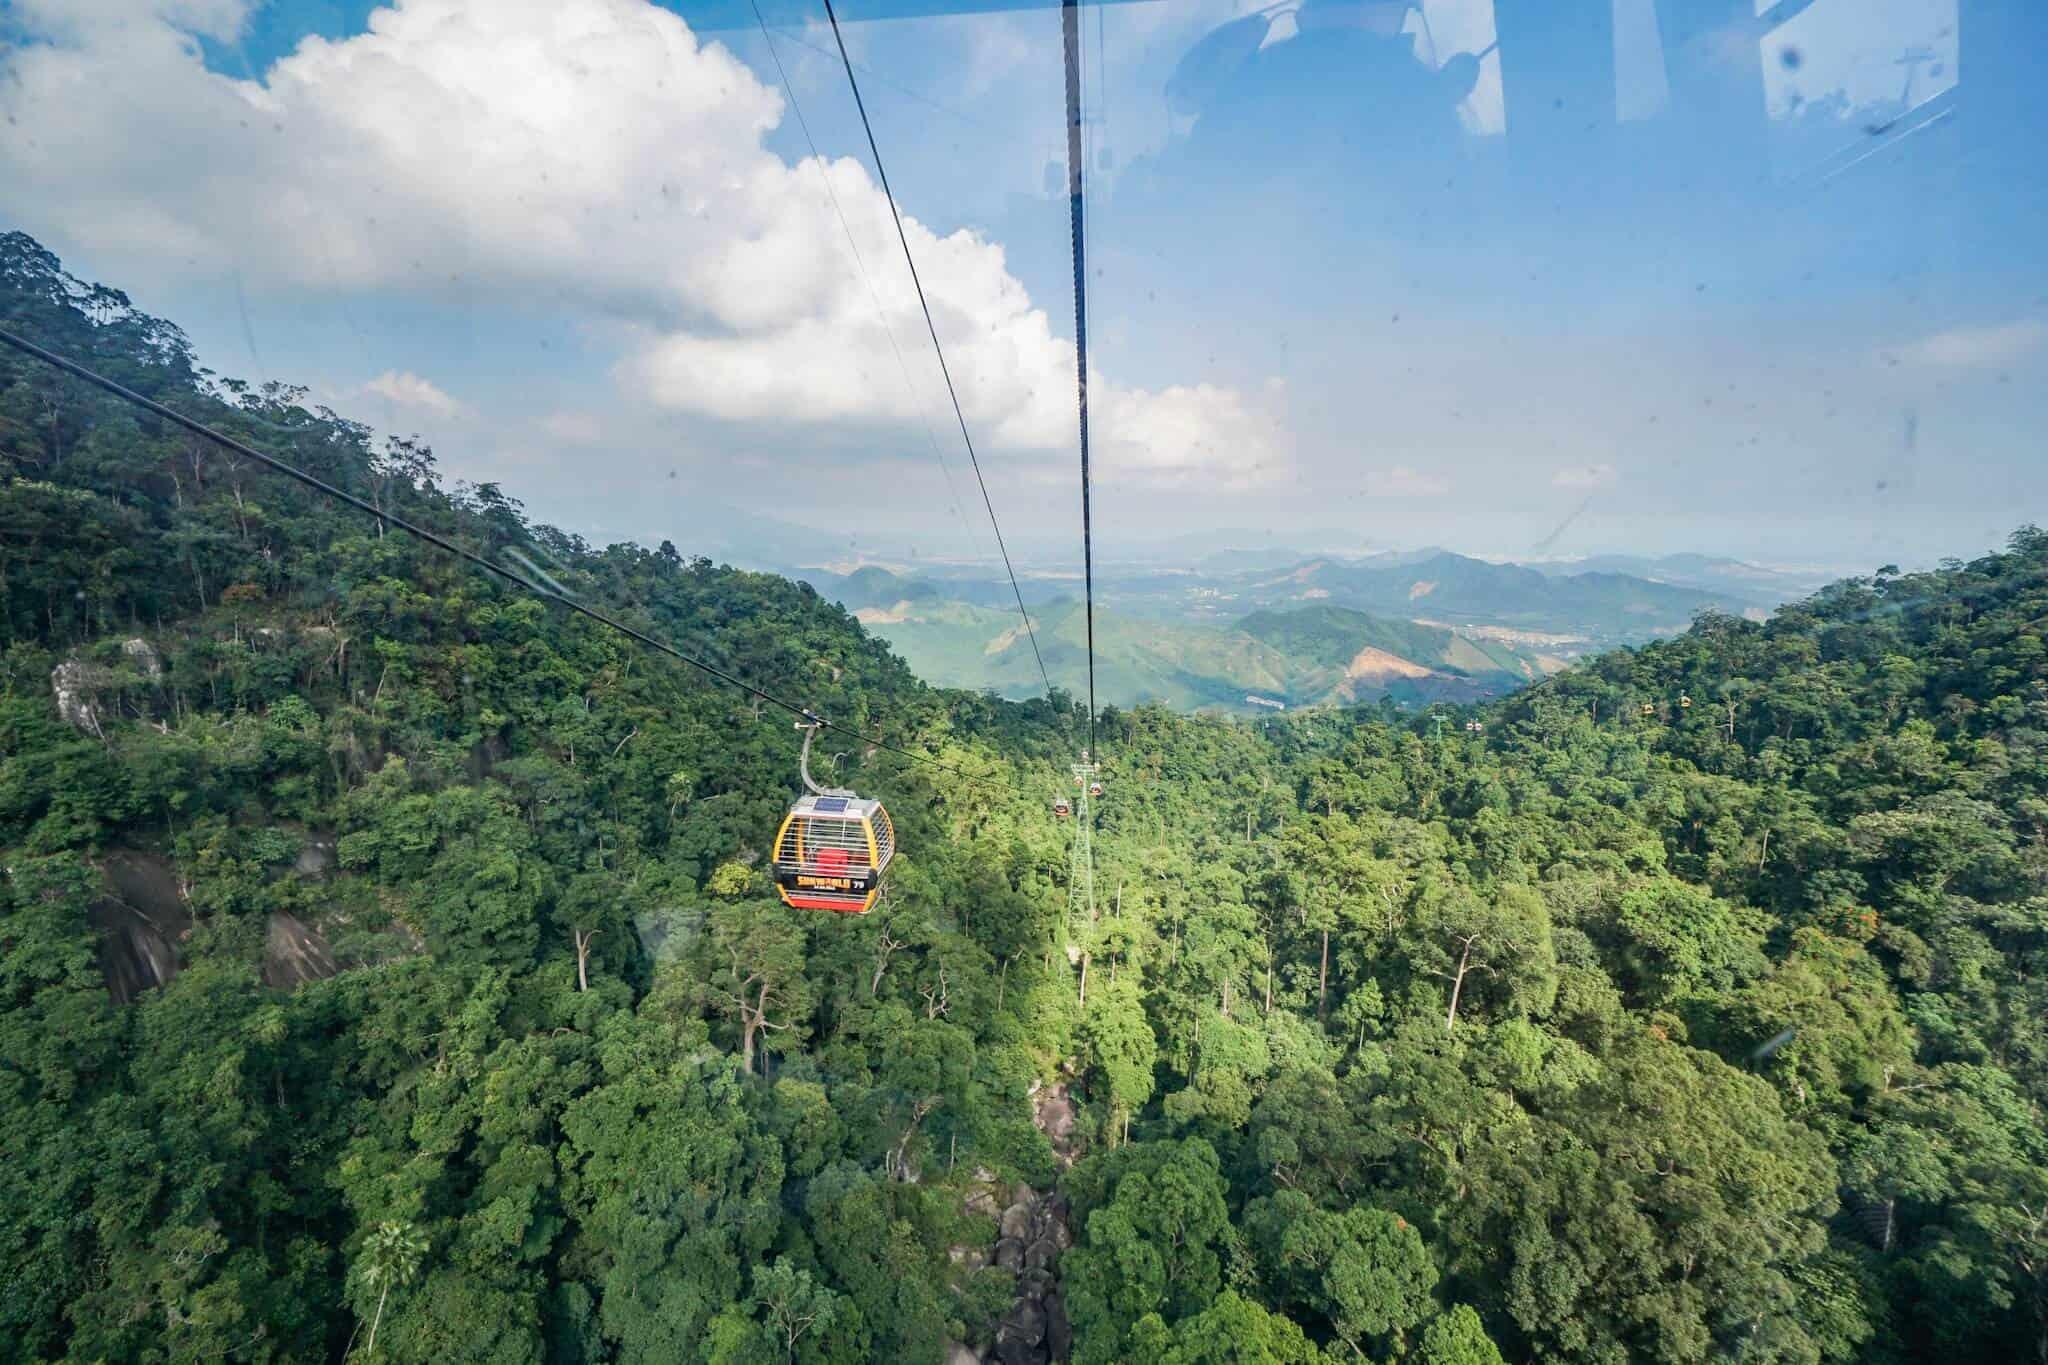 Da Nang Sunworld Cable Car 2